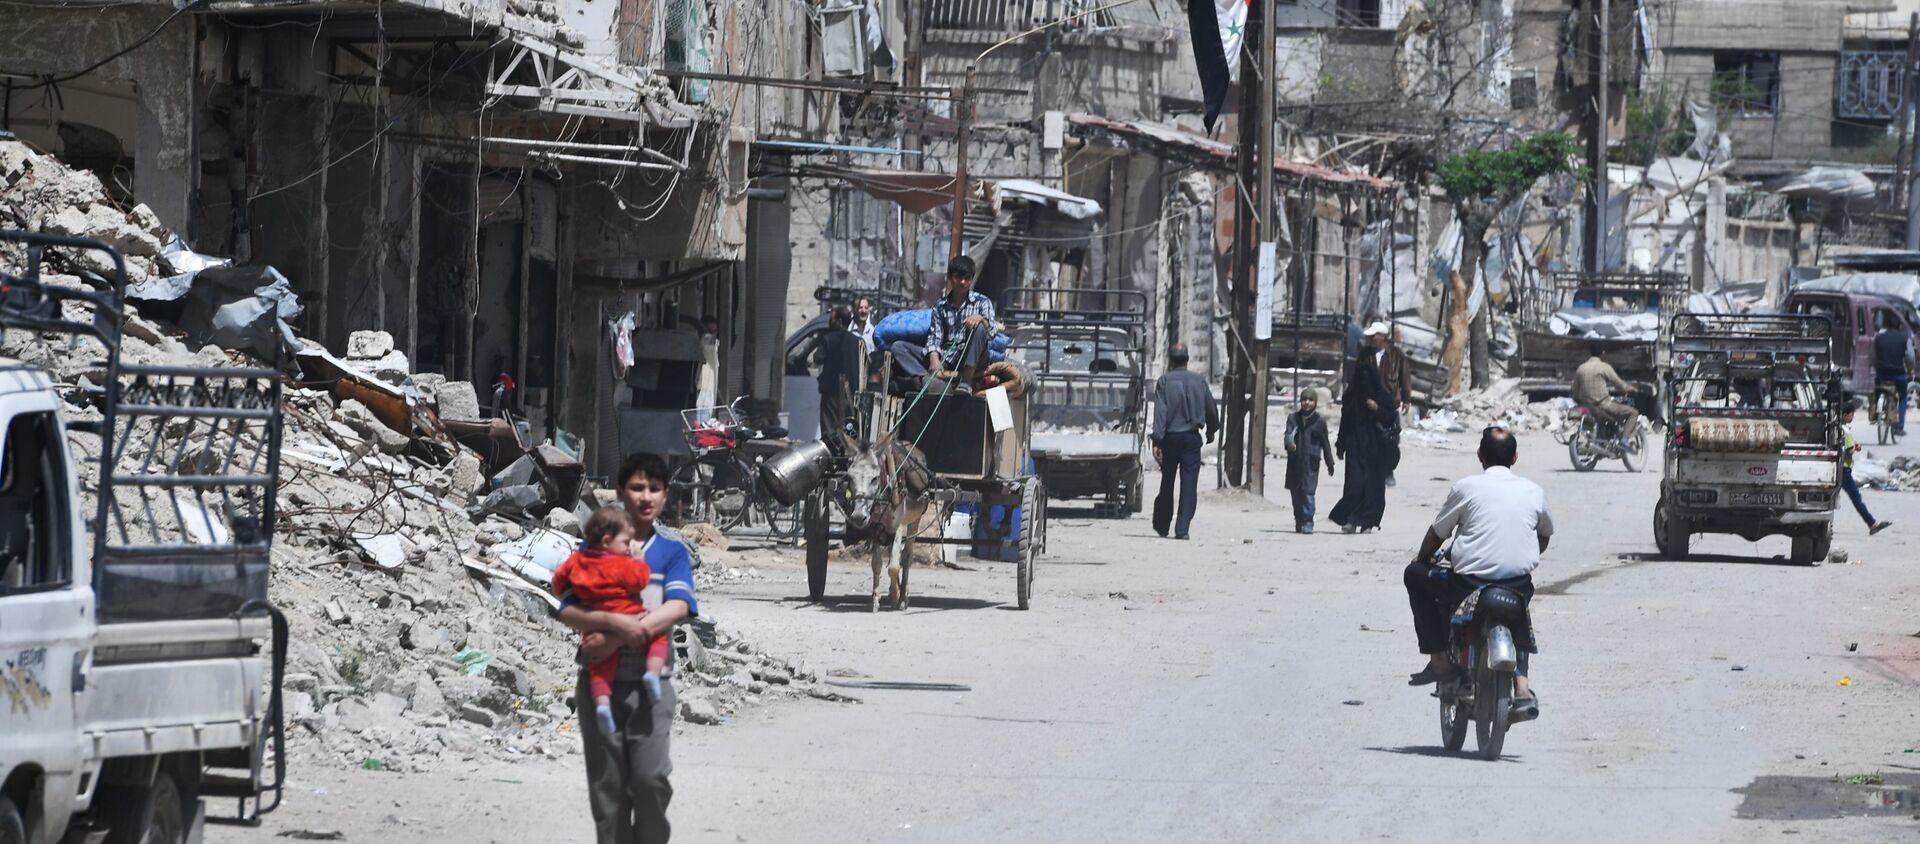 Il sobborgo di Damasco Douma visto dopo essere stato liberato dai militanti. - Sputnik Italia, 1920, 29.09.2020